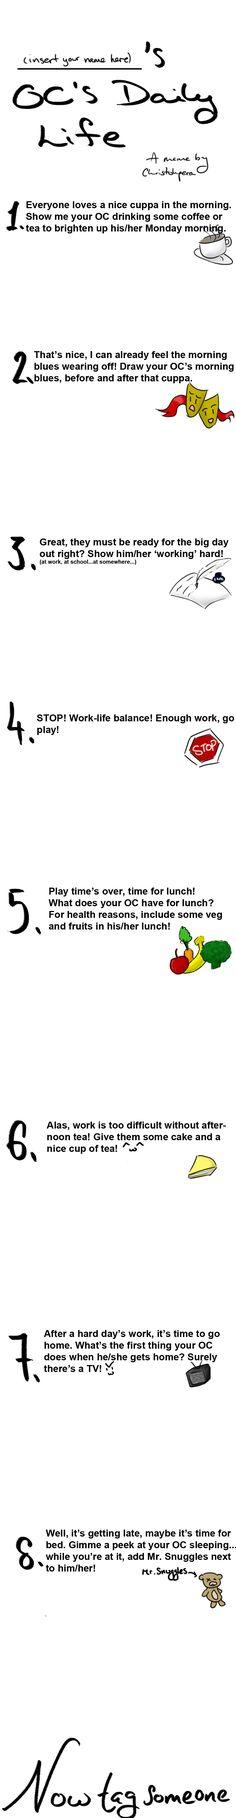 OC's Daily Life Meme by christohpera